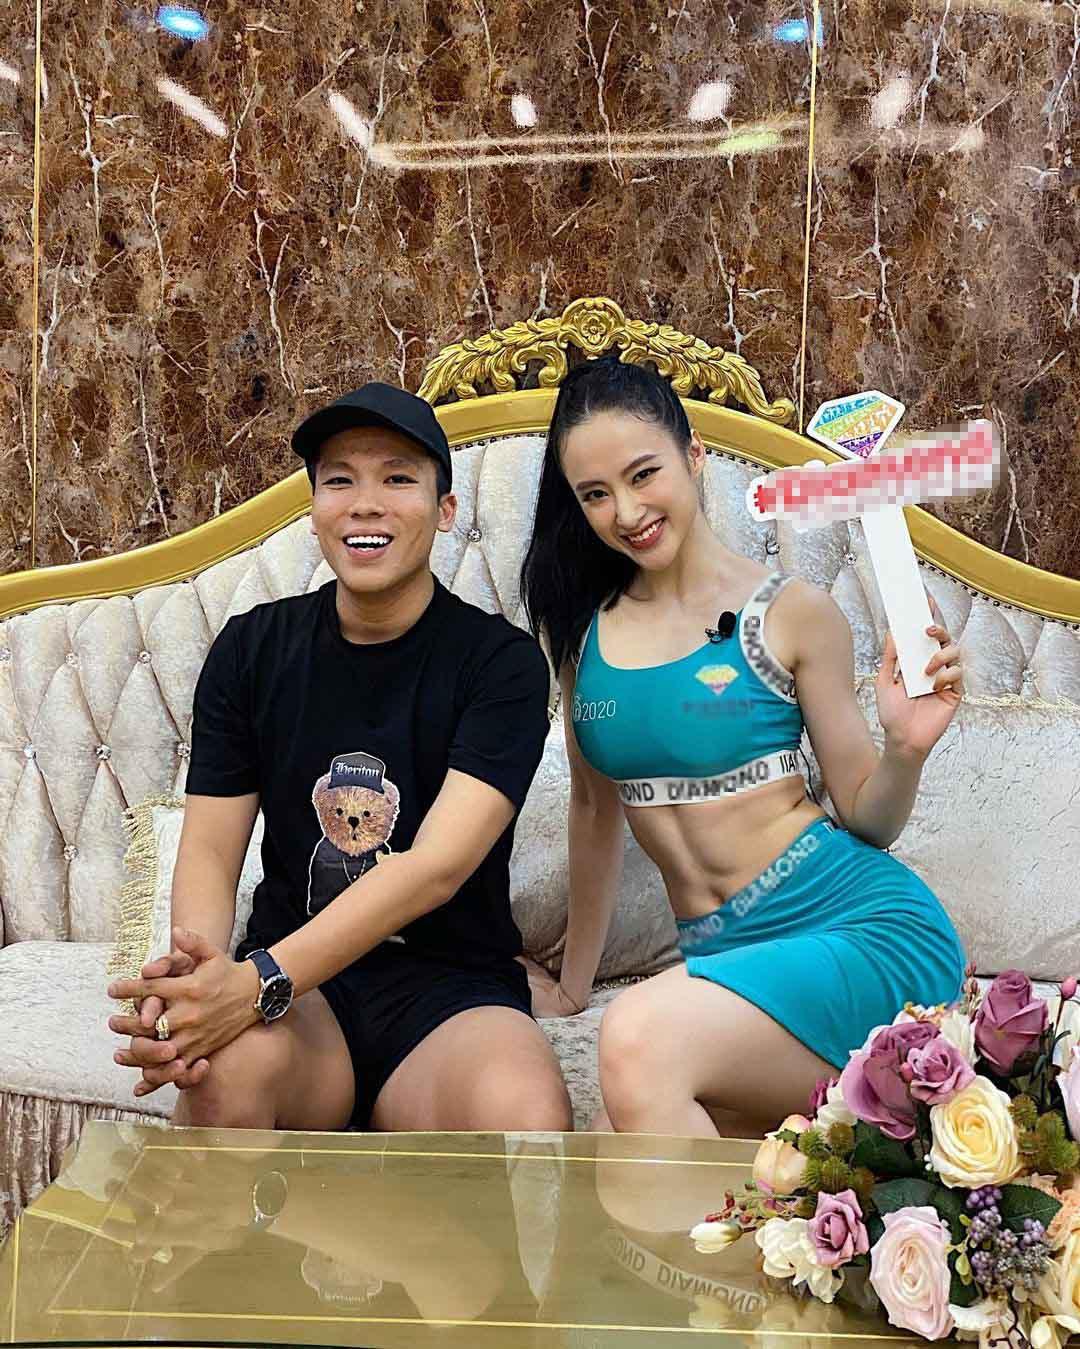 Chuyển sang ăn chay trường, Angela Phương Trinh vẫn giữ đẹp chiếc bụng múi vạn người mê - 7